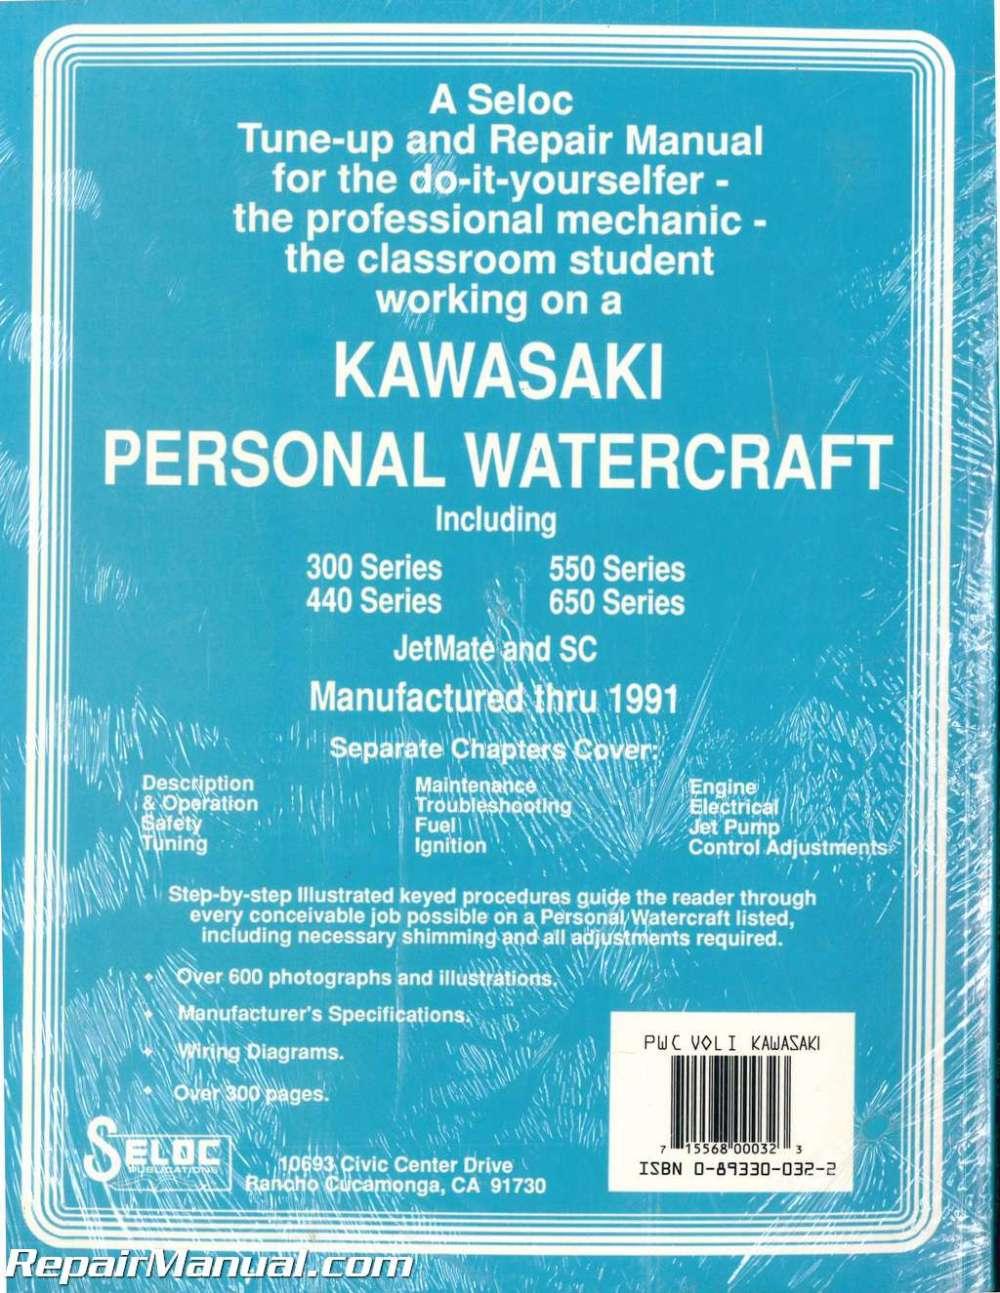 medium resolution of  array seloc kawasaki personal watercraft 1973 1991 repair manual vol l rh repairmanual com